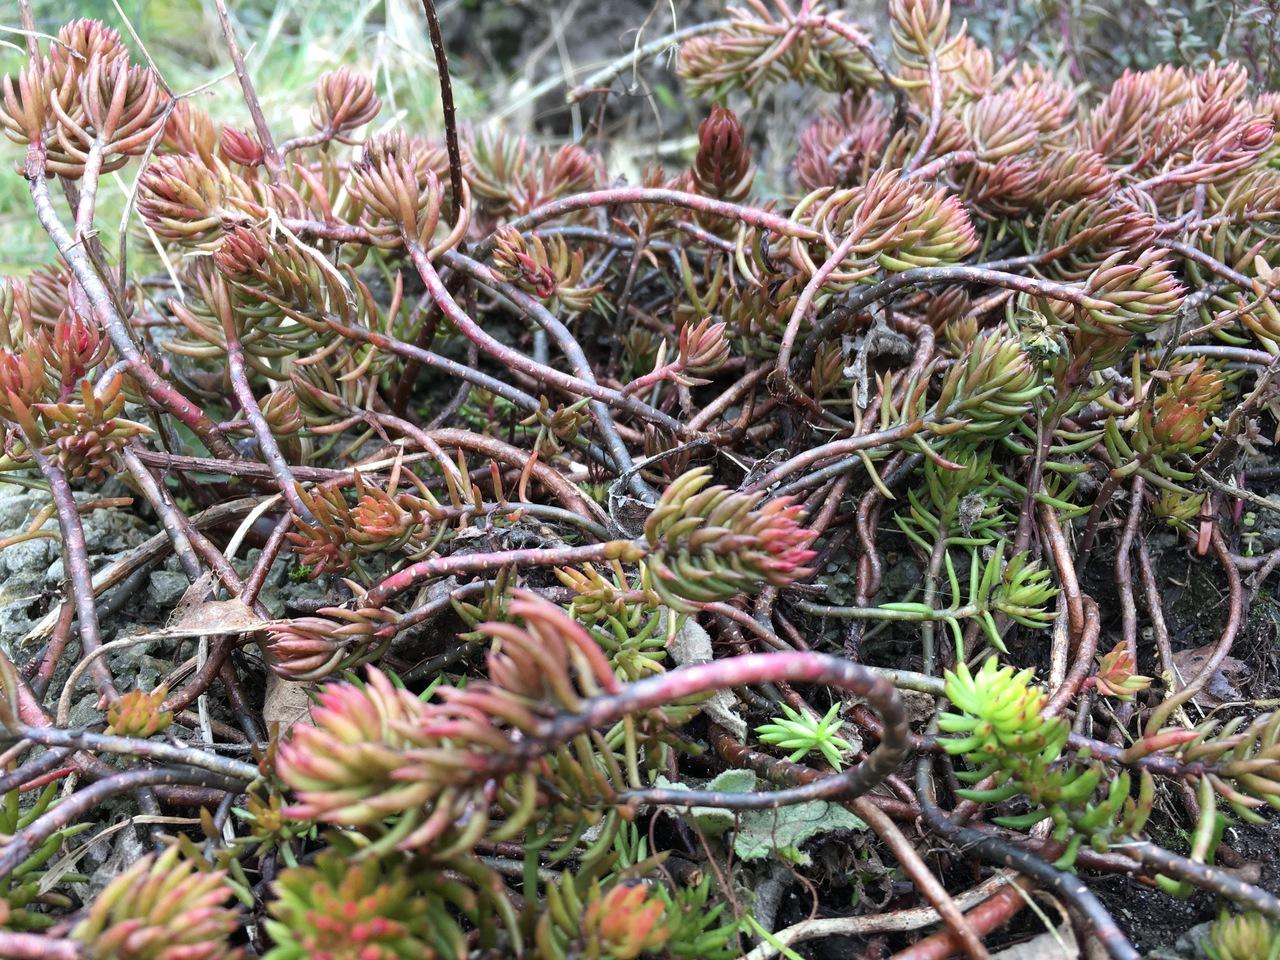 Das winterfeste Tripmadem ist nicht nur eine Zierpflanze, sondern ein leckes Gewürzkraut